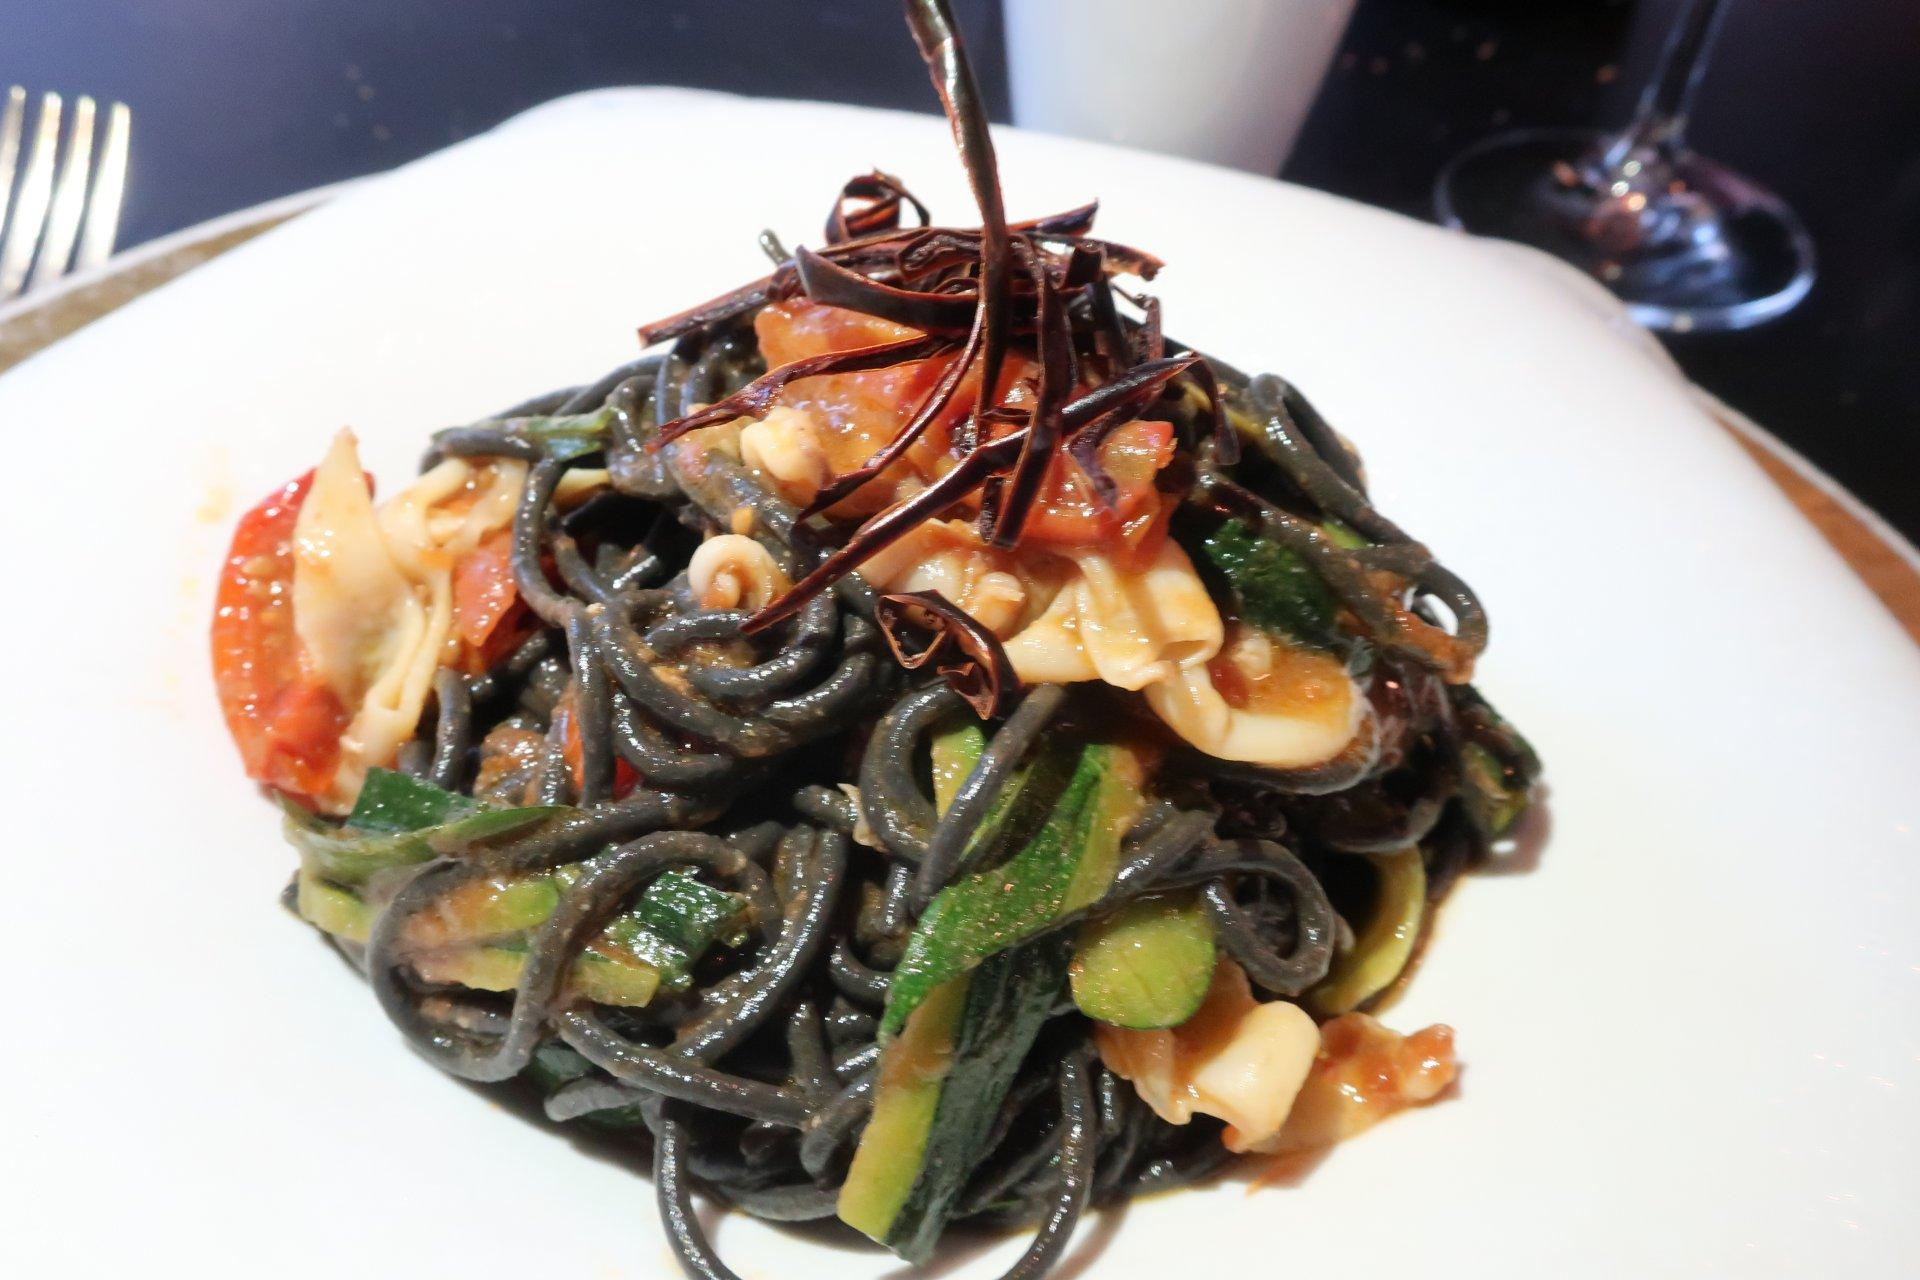 Spaghetti neri, Osteria la Fontanina.